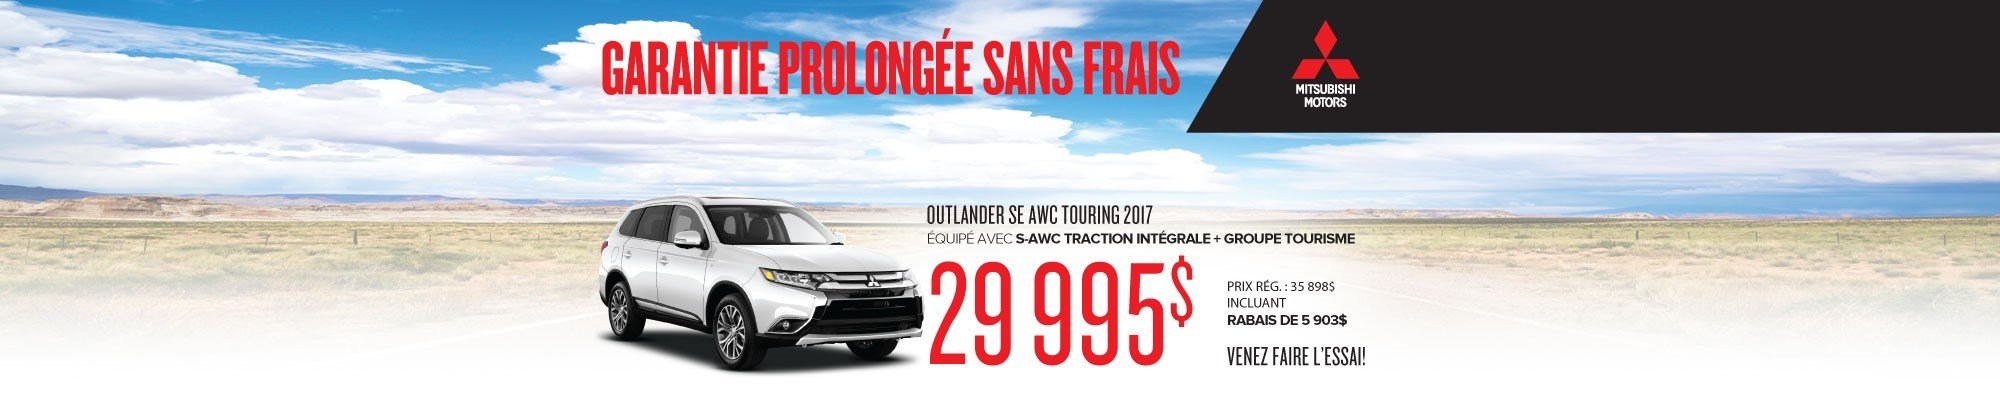 Liquidation finale Outlander 2017 web